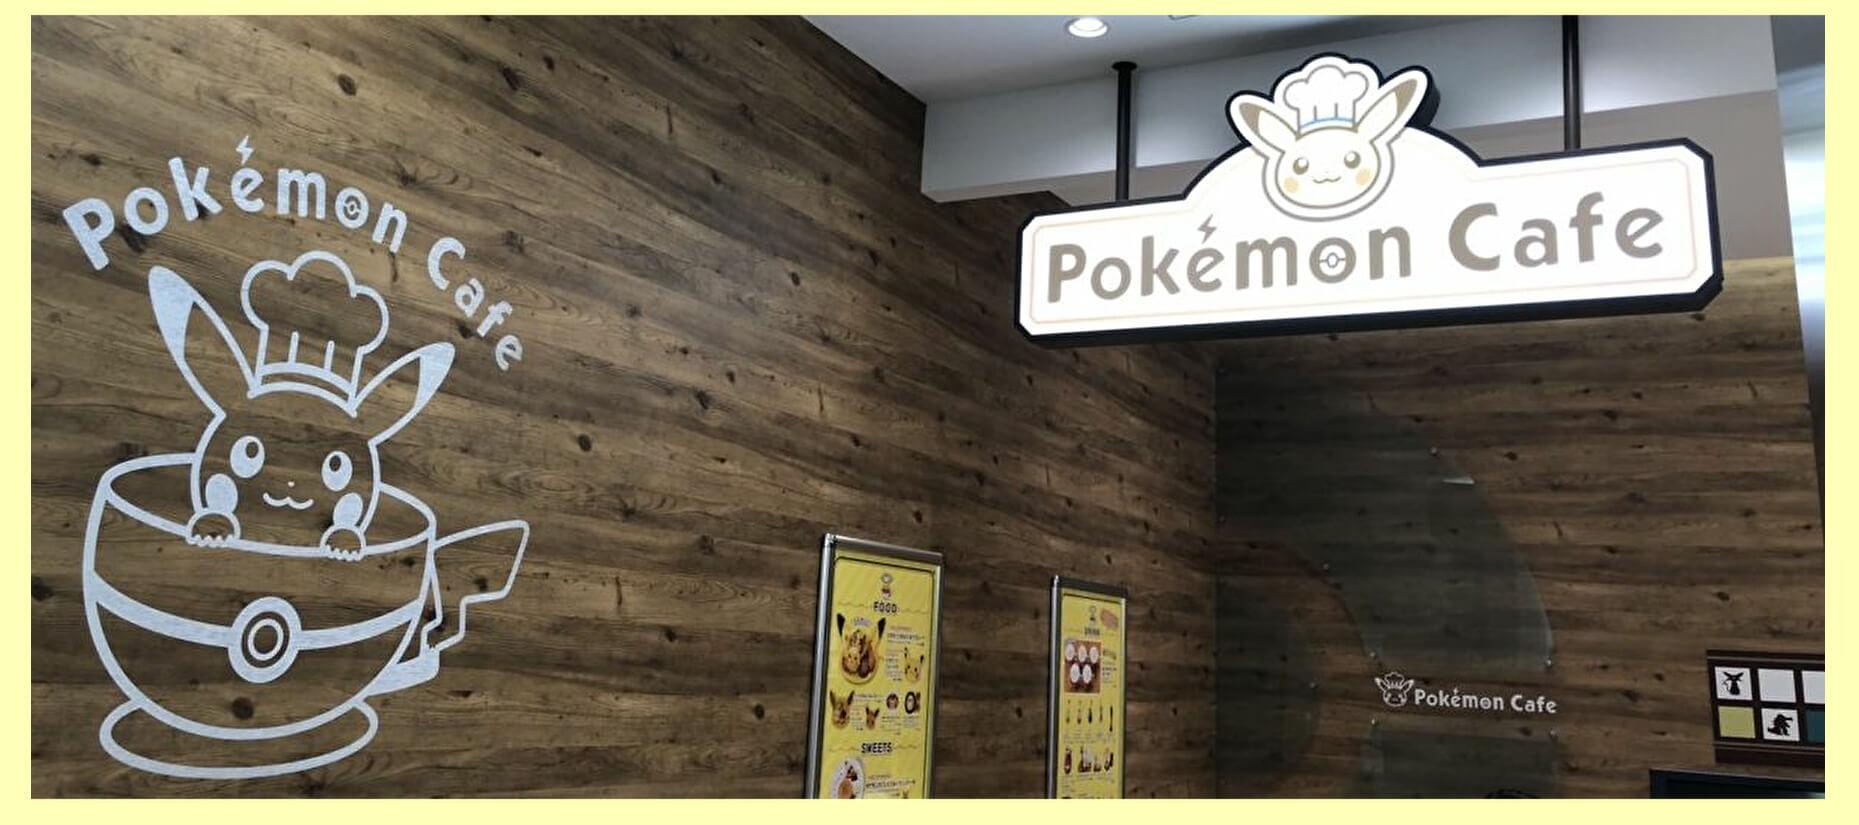 ポケモンカフェは完全予約制